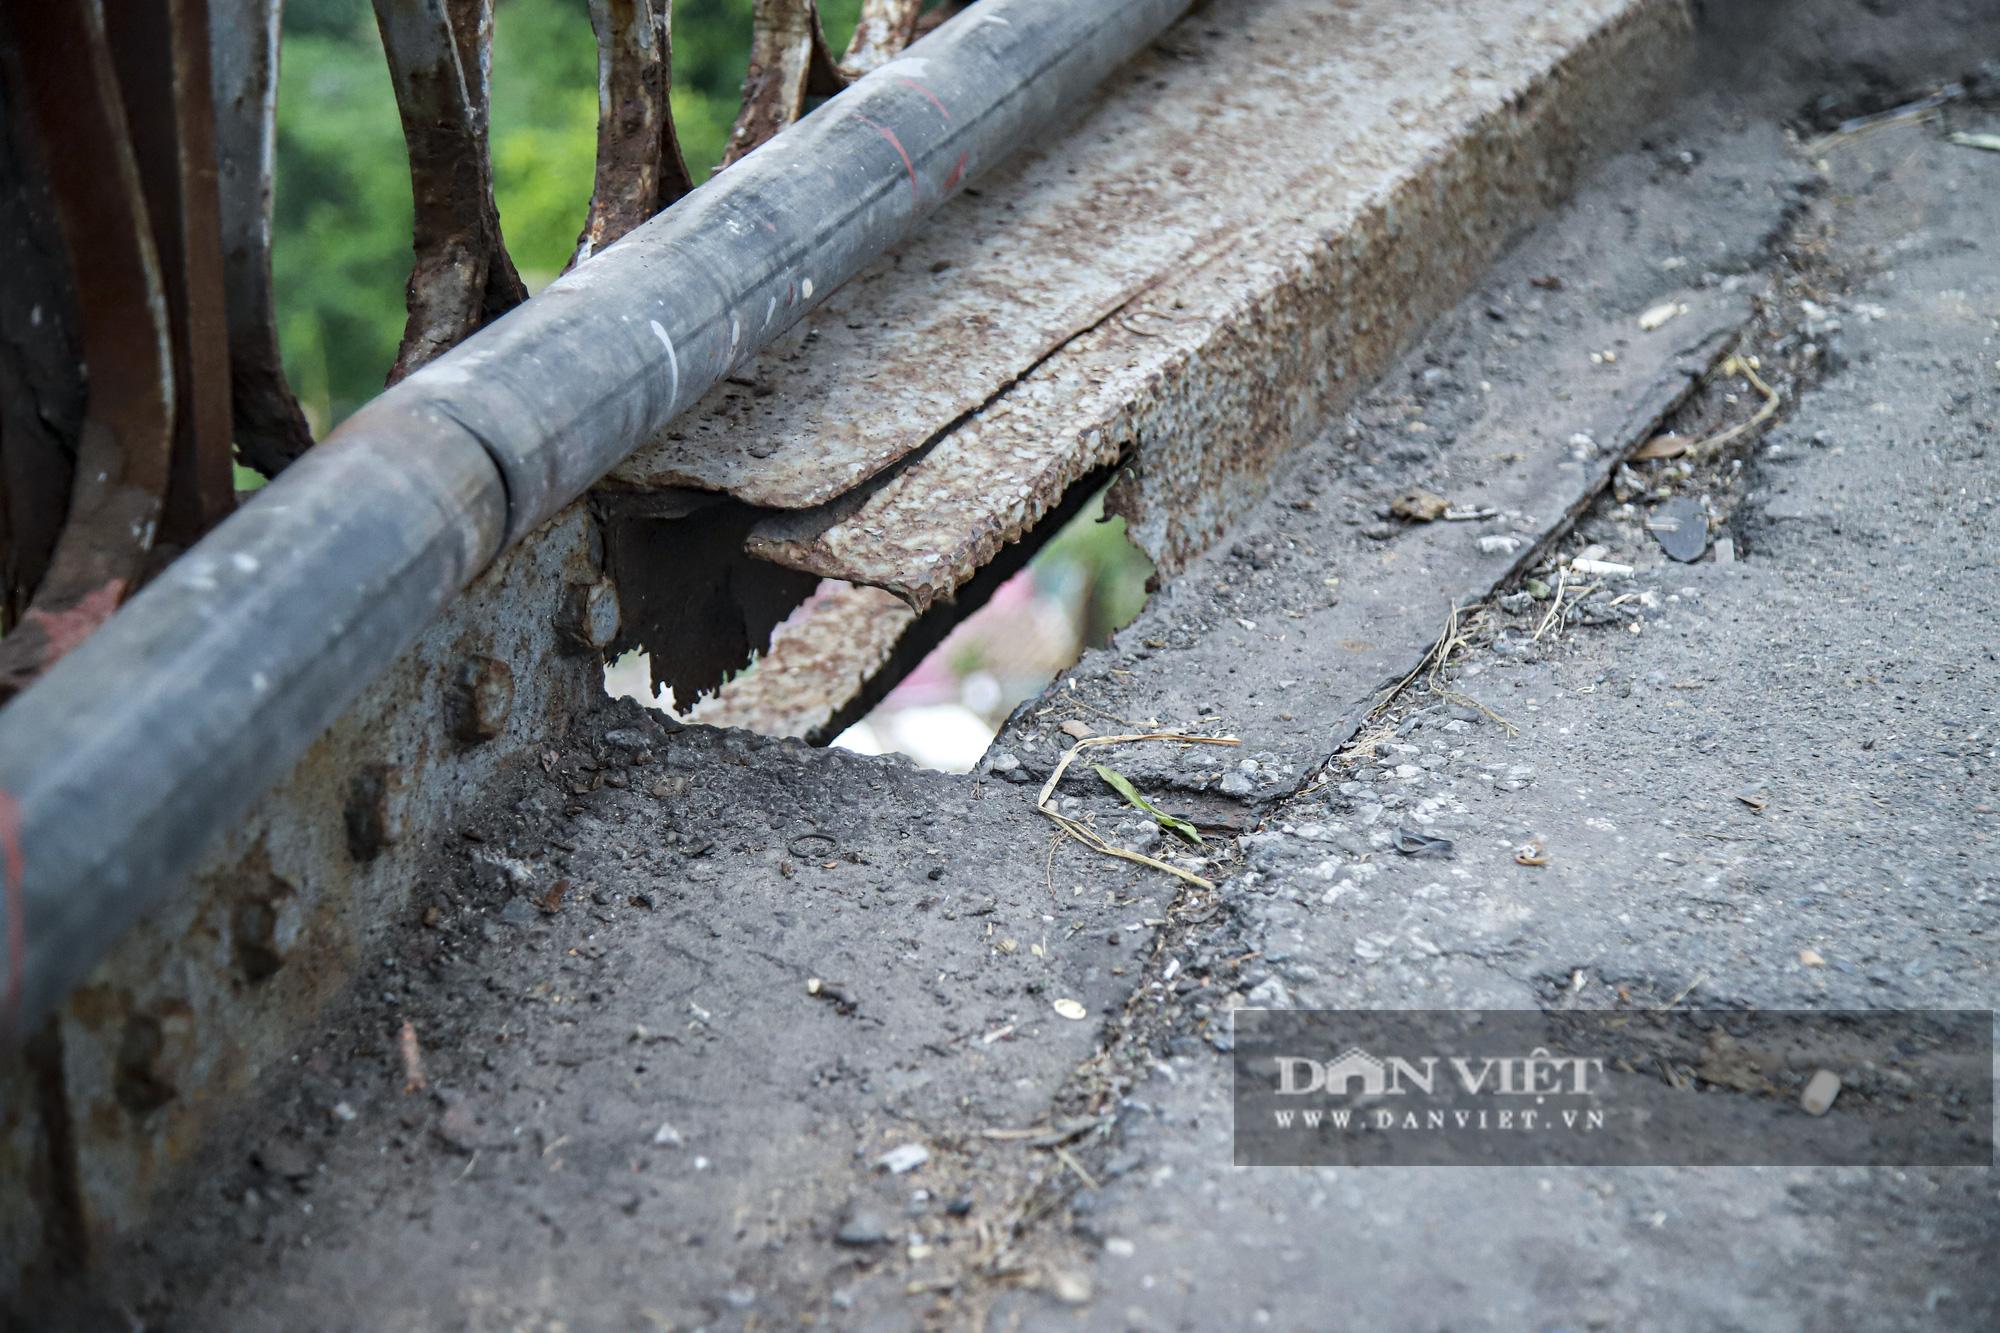 Cầu Long Biên xuống cấp đến không ngờ, mặt đường nhiều ổ gà, hở hàm ếch có thể nhìn rõ mặt nước sông Hồng - Ảnh 9.